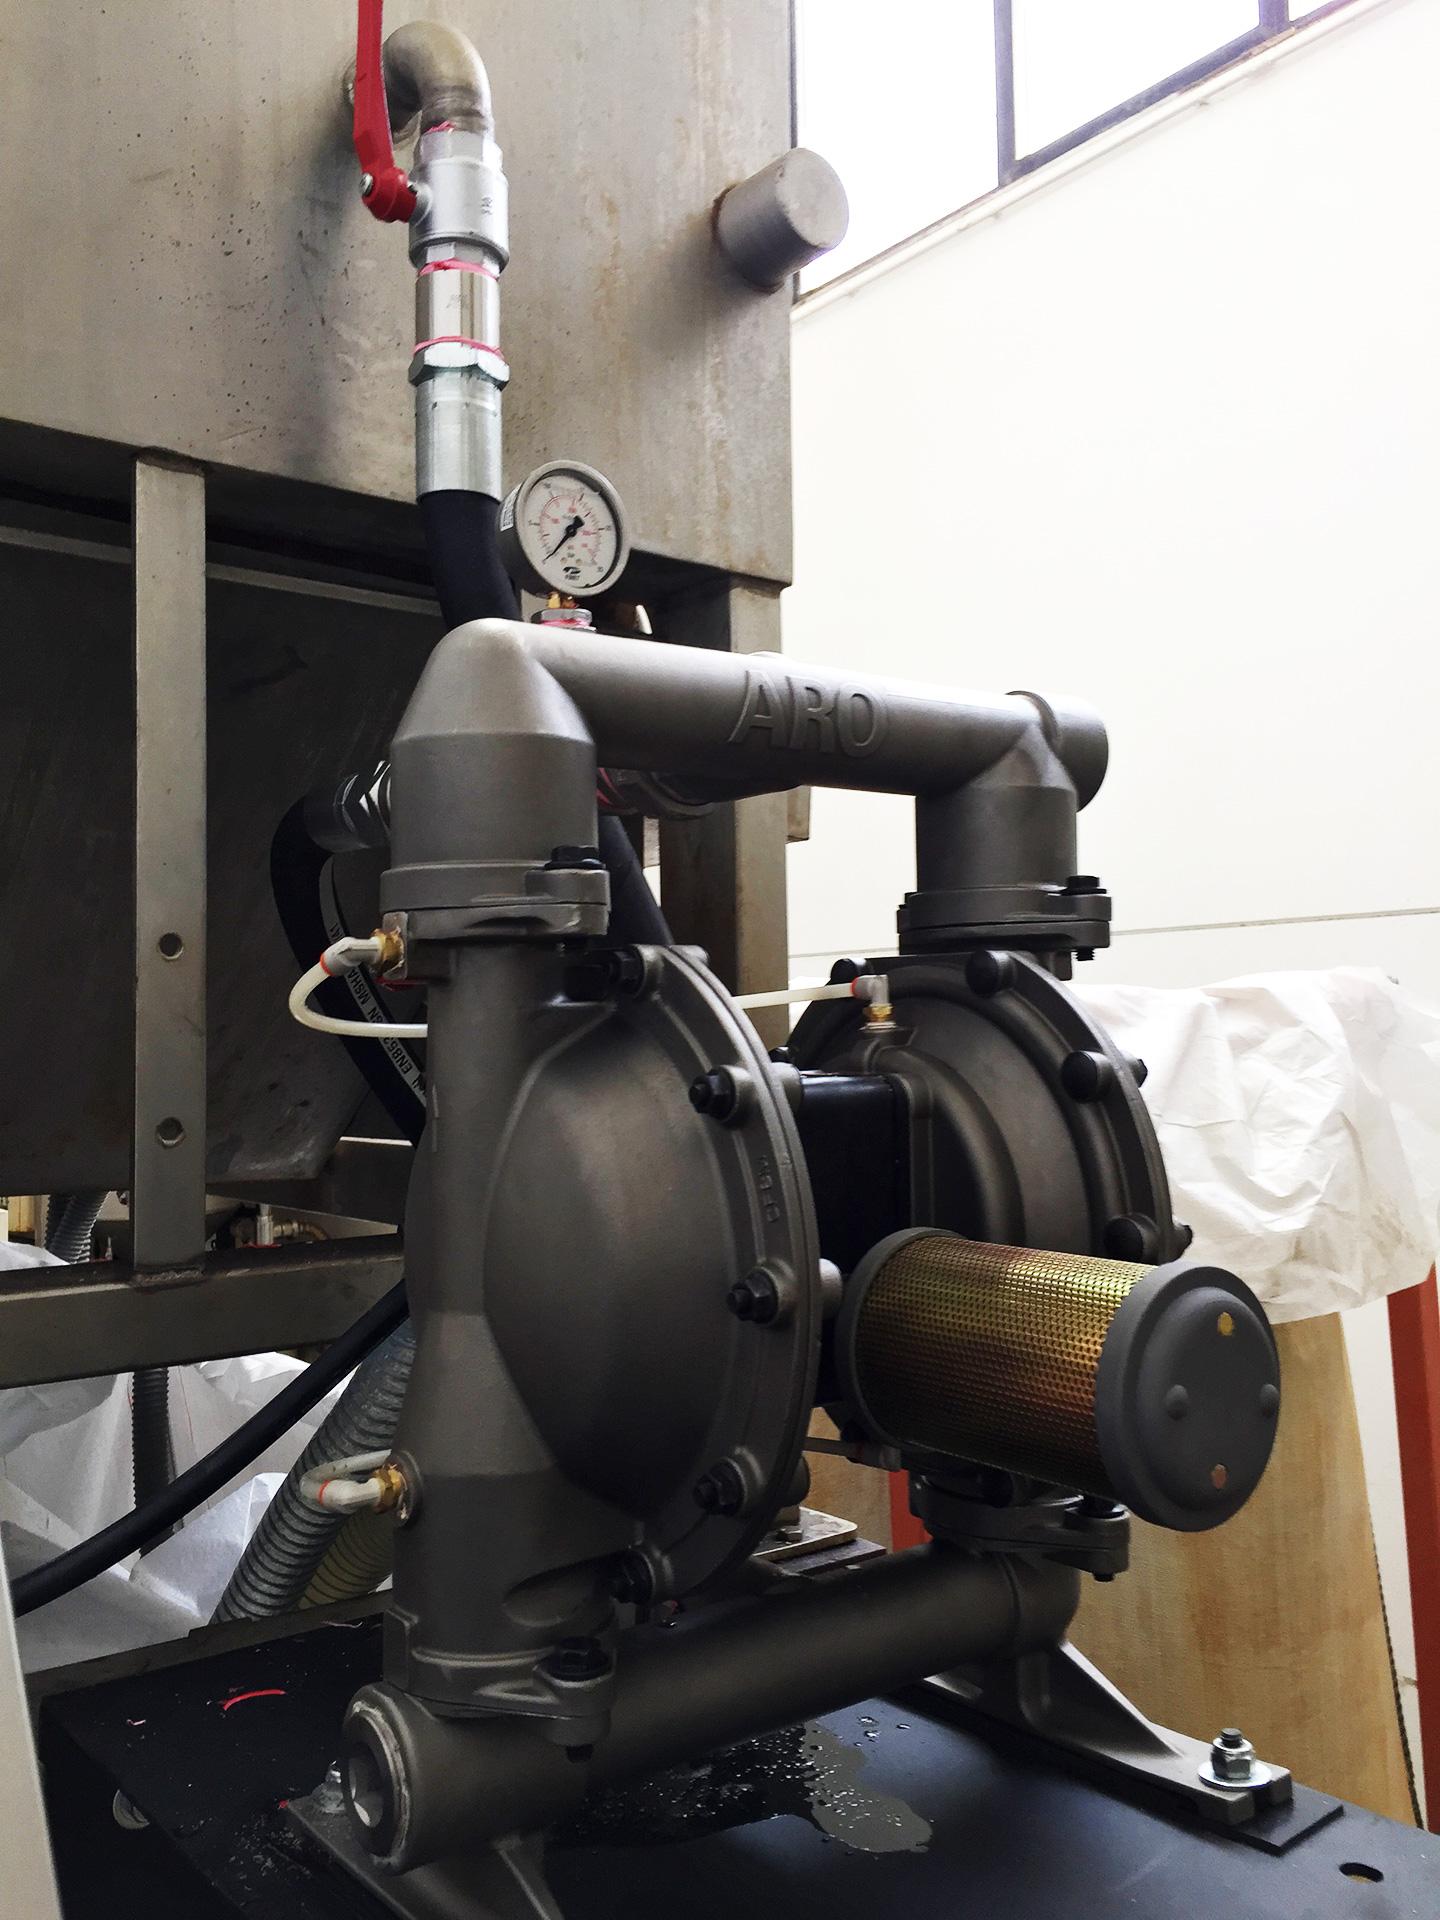 Referenza - Pompa a membrana ARO per filtropressa